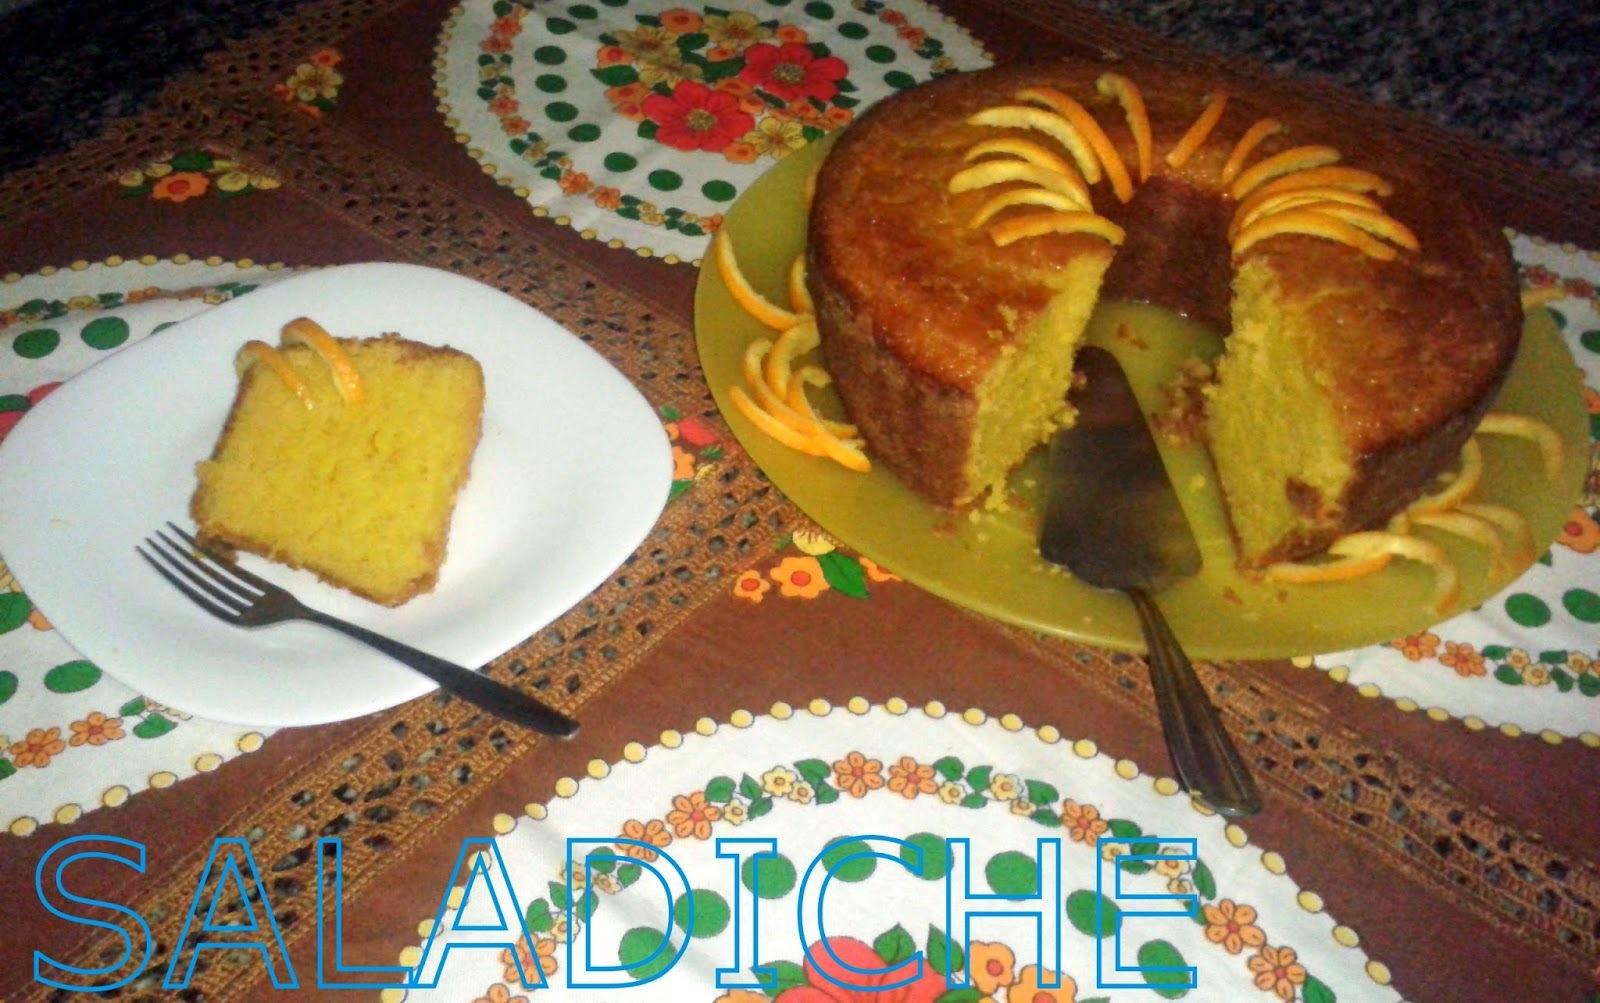 de bolo de laranja de liquidificador feito com laranjas inteiras